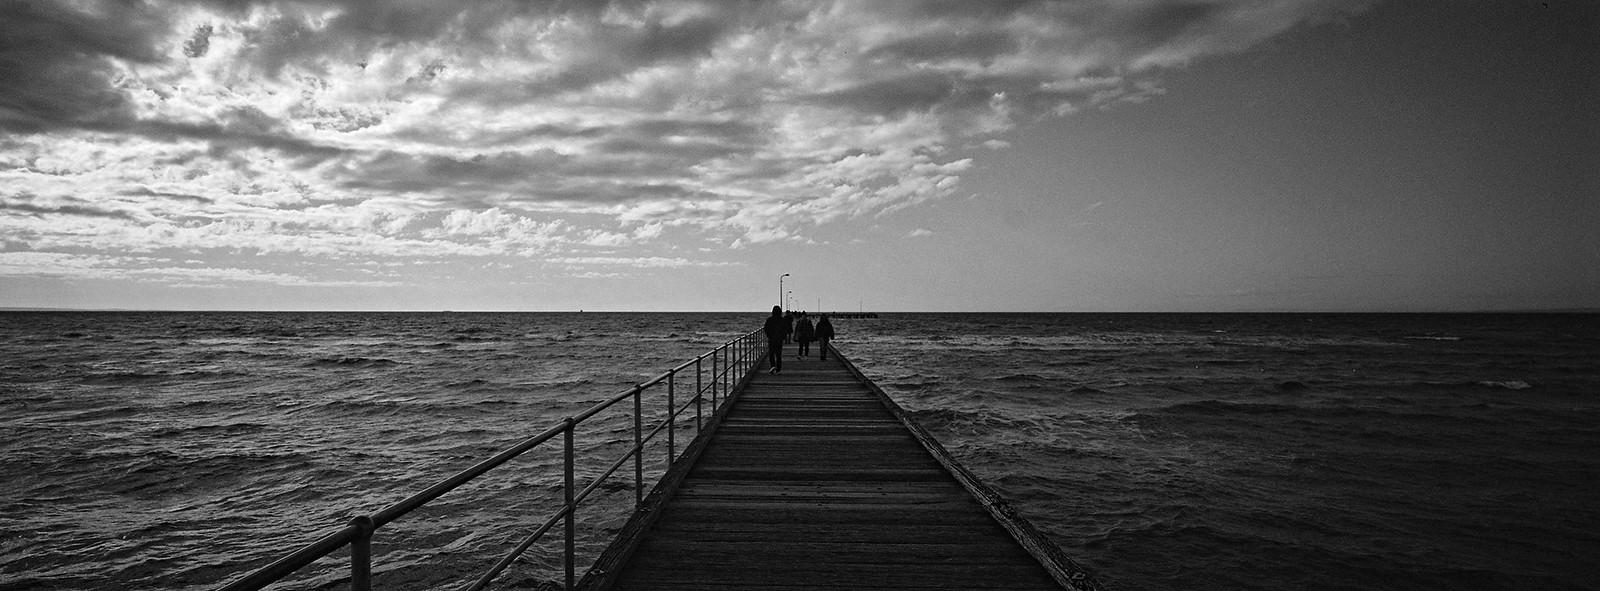 Rye Pier iii